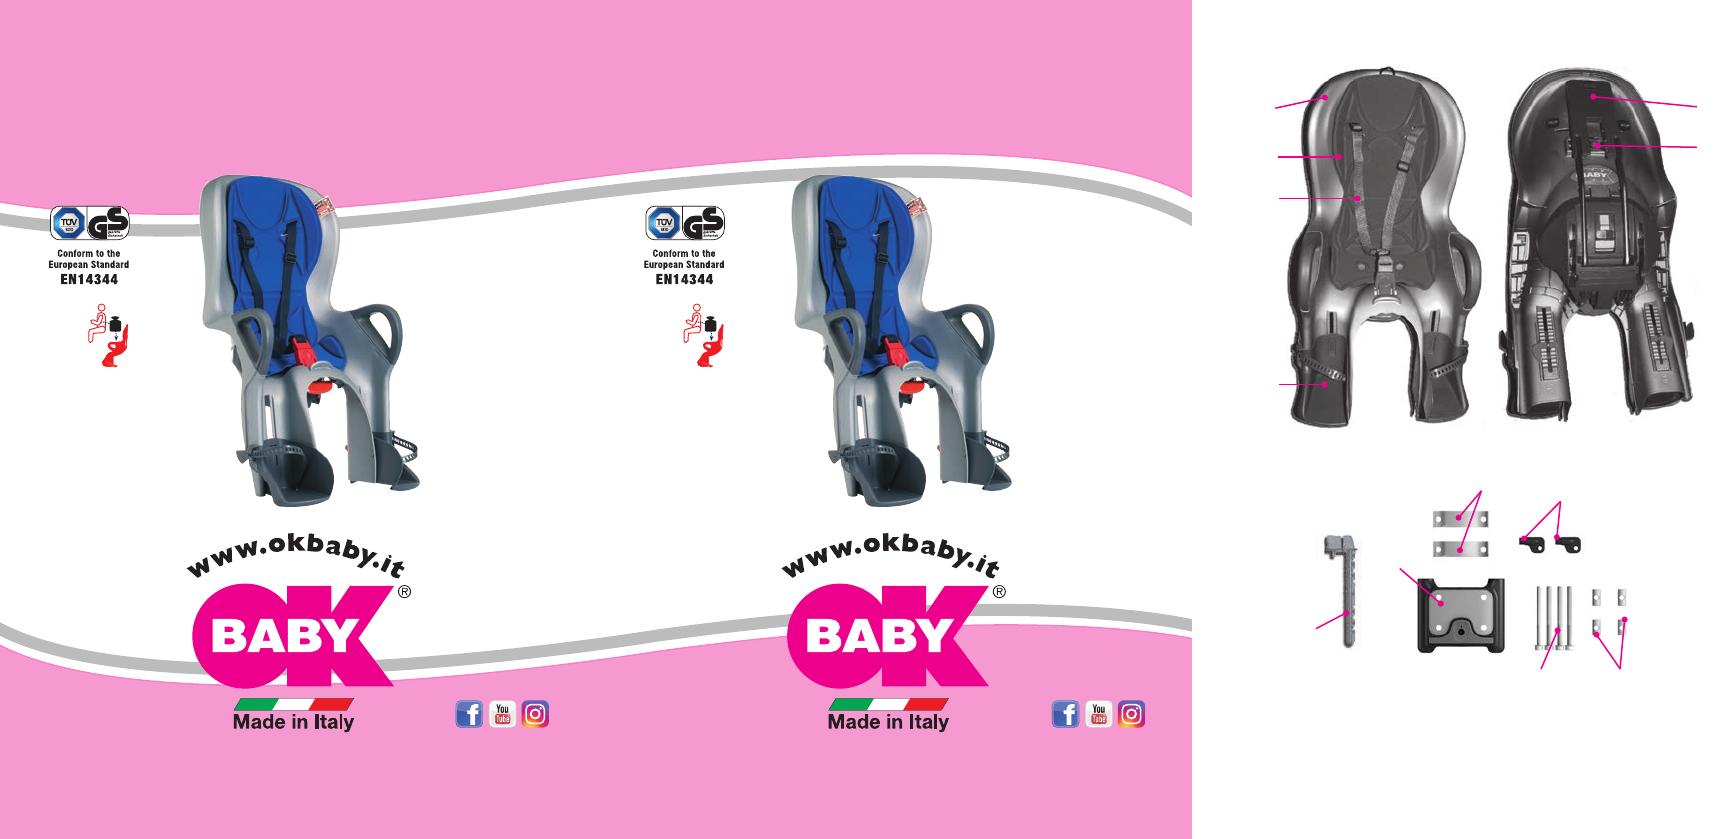 Riduttore Water Ok Baby.Okbaby 10 Manual